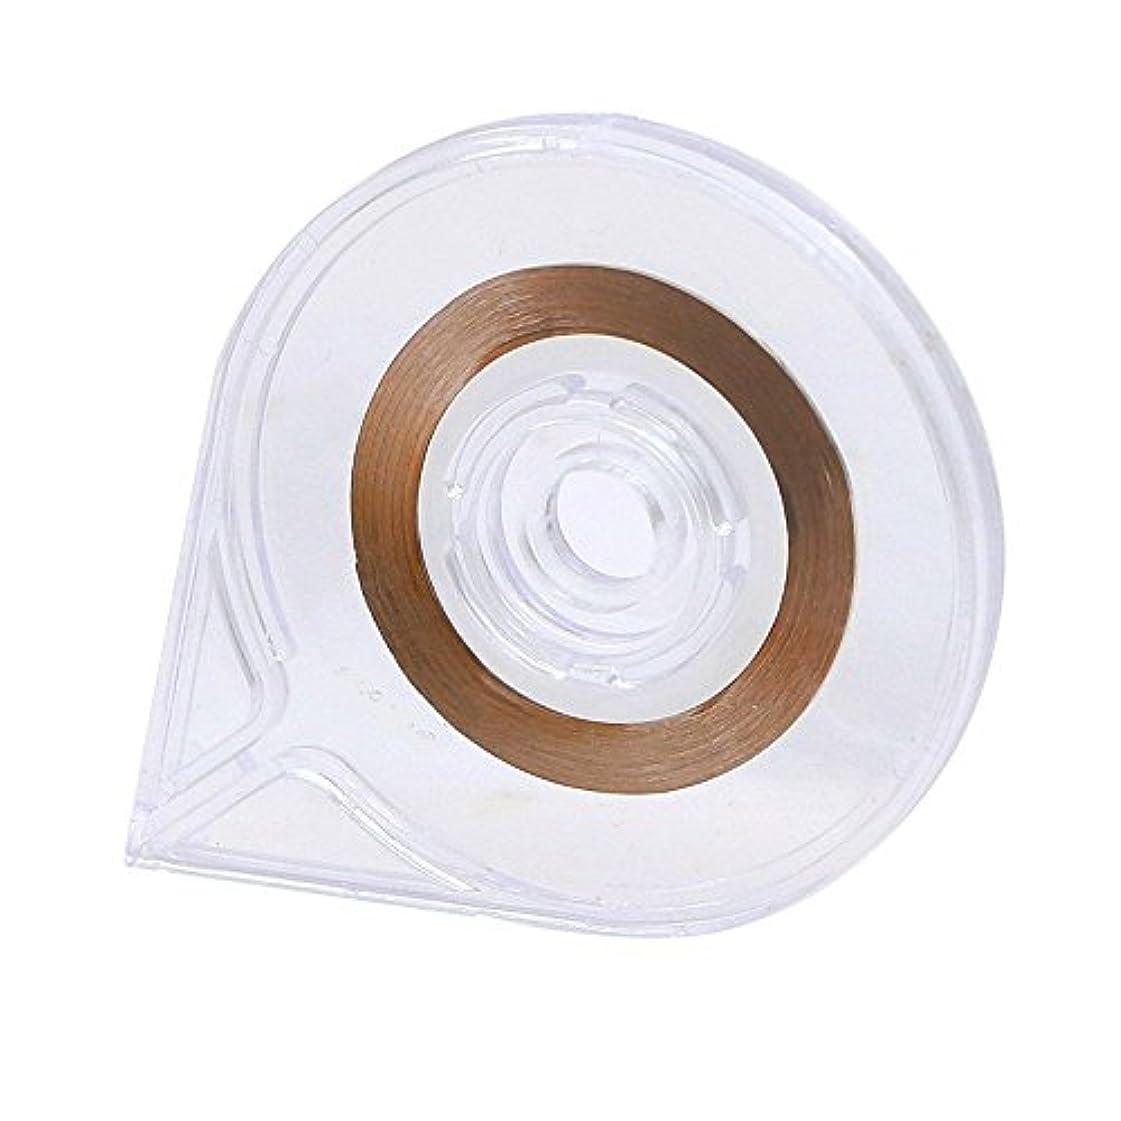 匿名申し込む刃SODIAL(R) ネイルアート ストライピングテープラインケースツールステッカーボックスホルダー 使いやすいデザイン